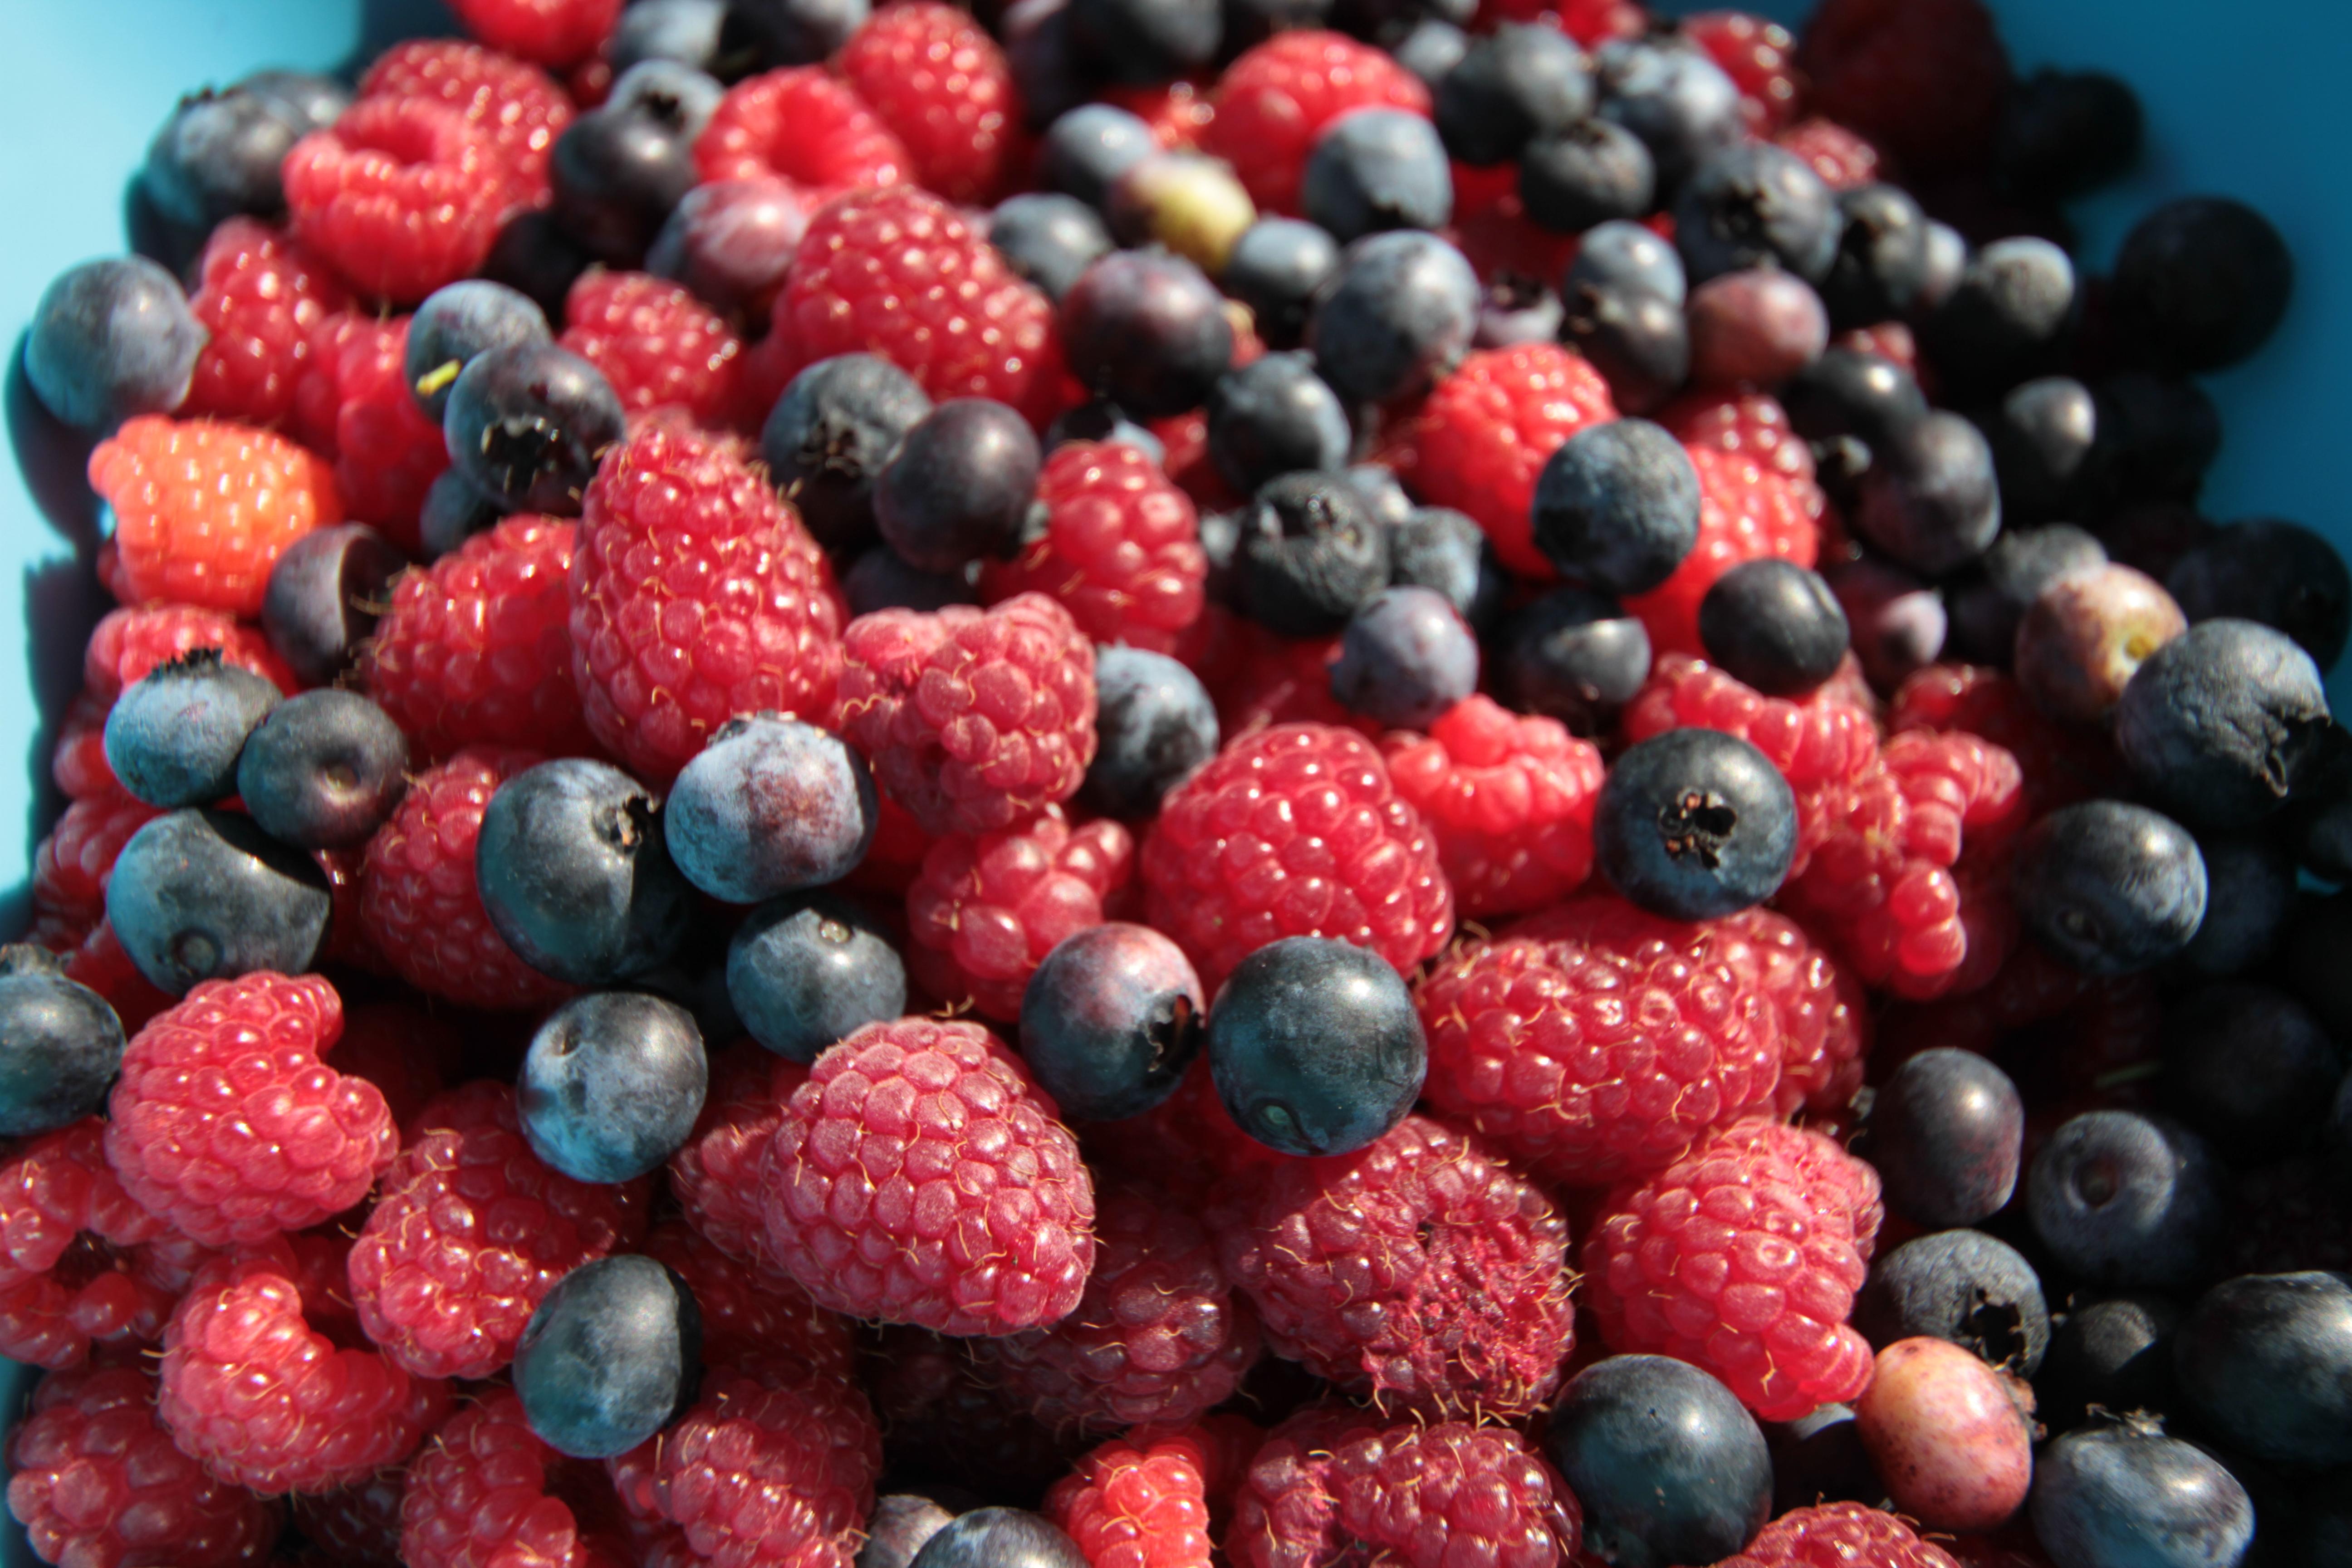 Sytuacja na rynku owoców w Polsce